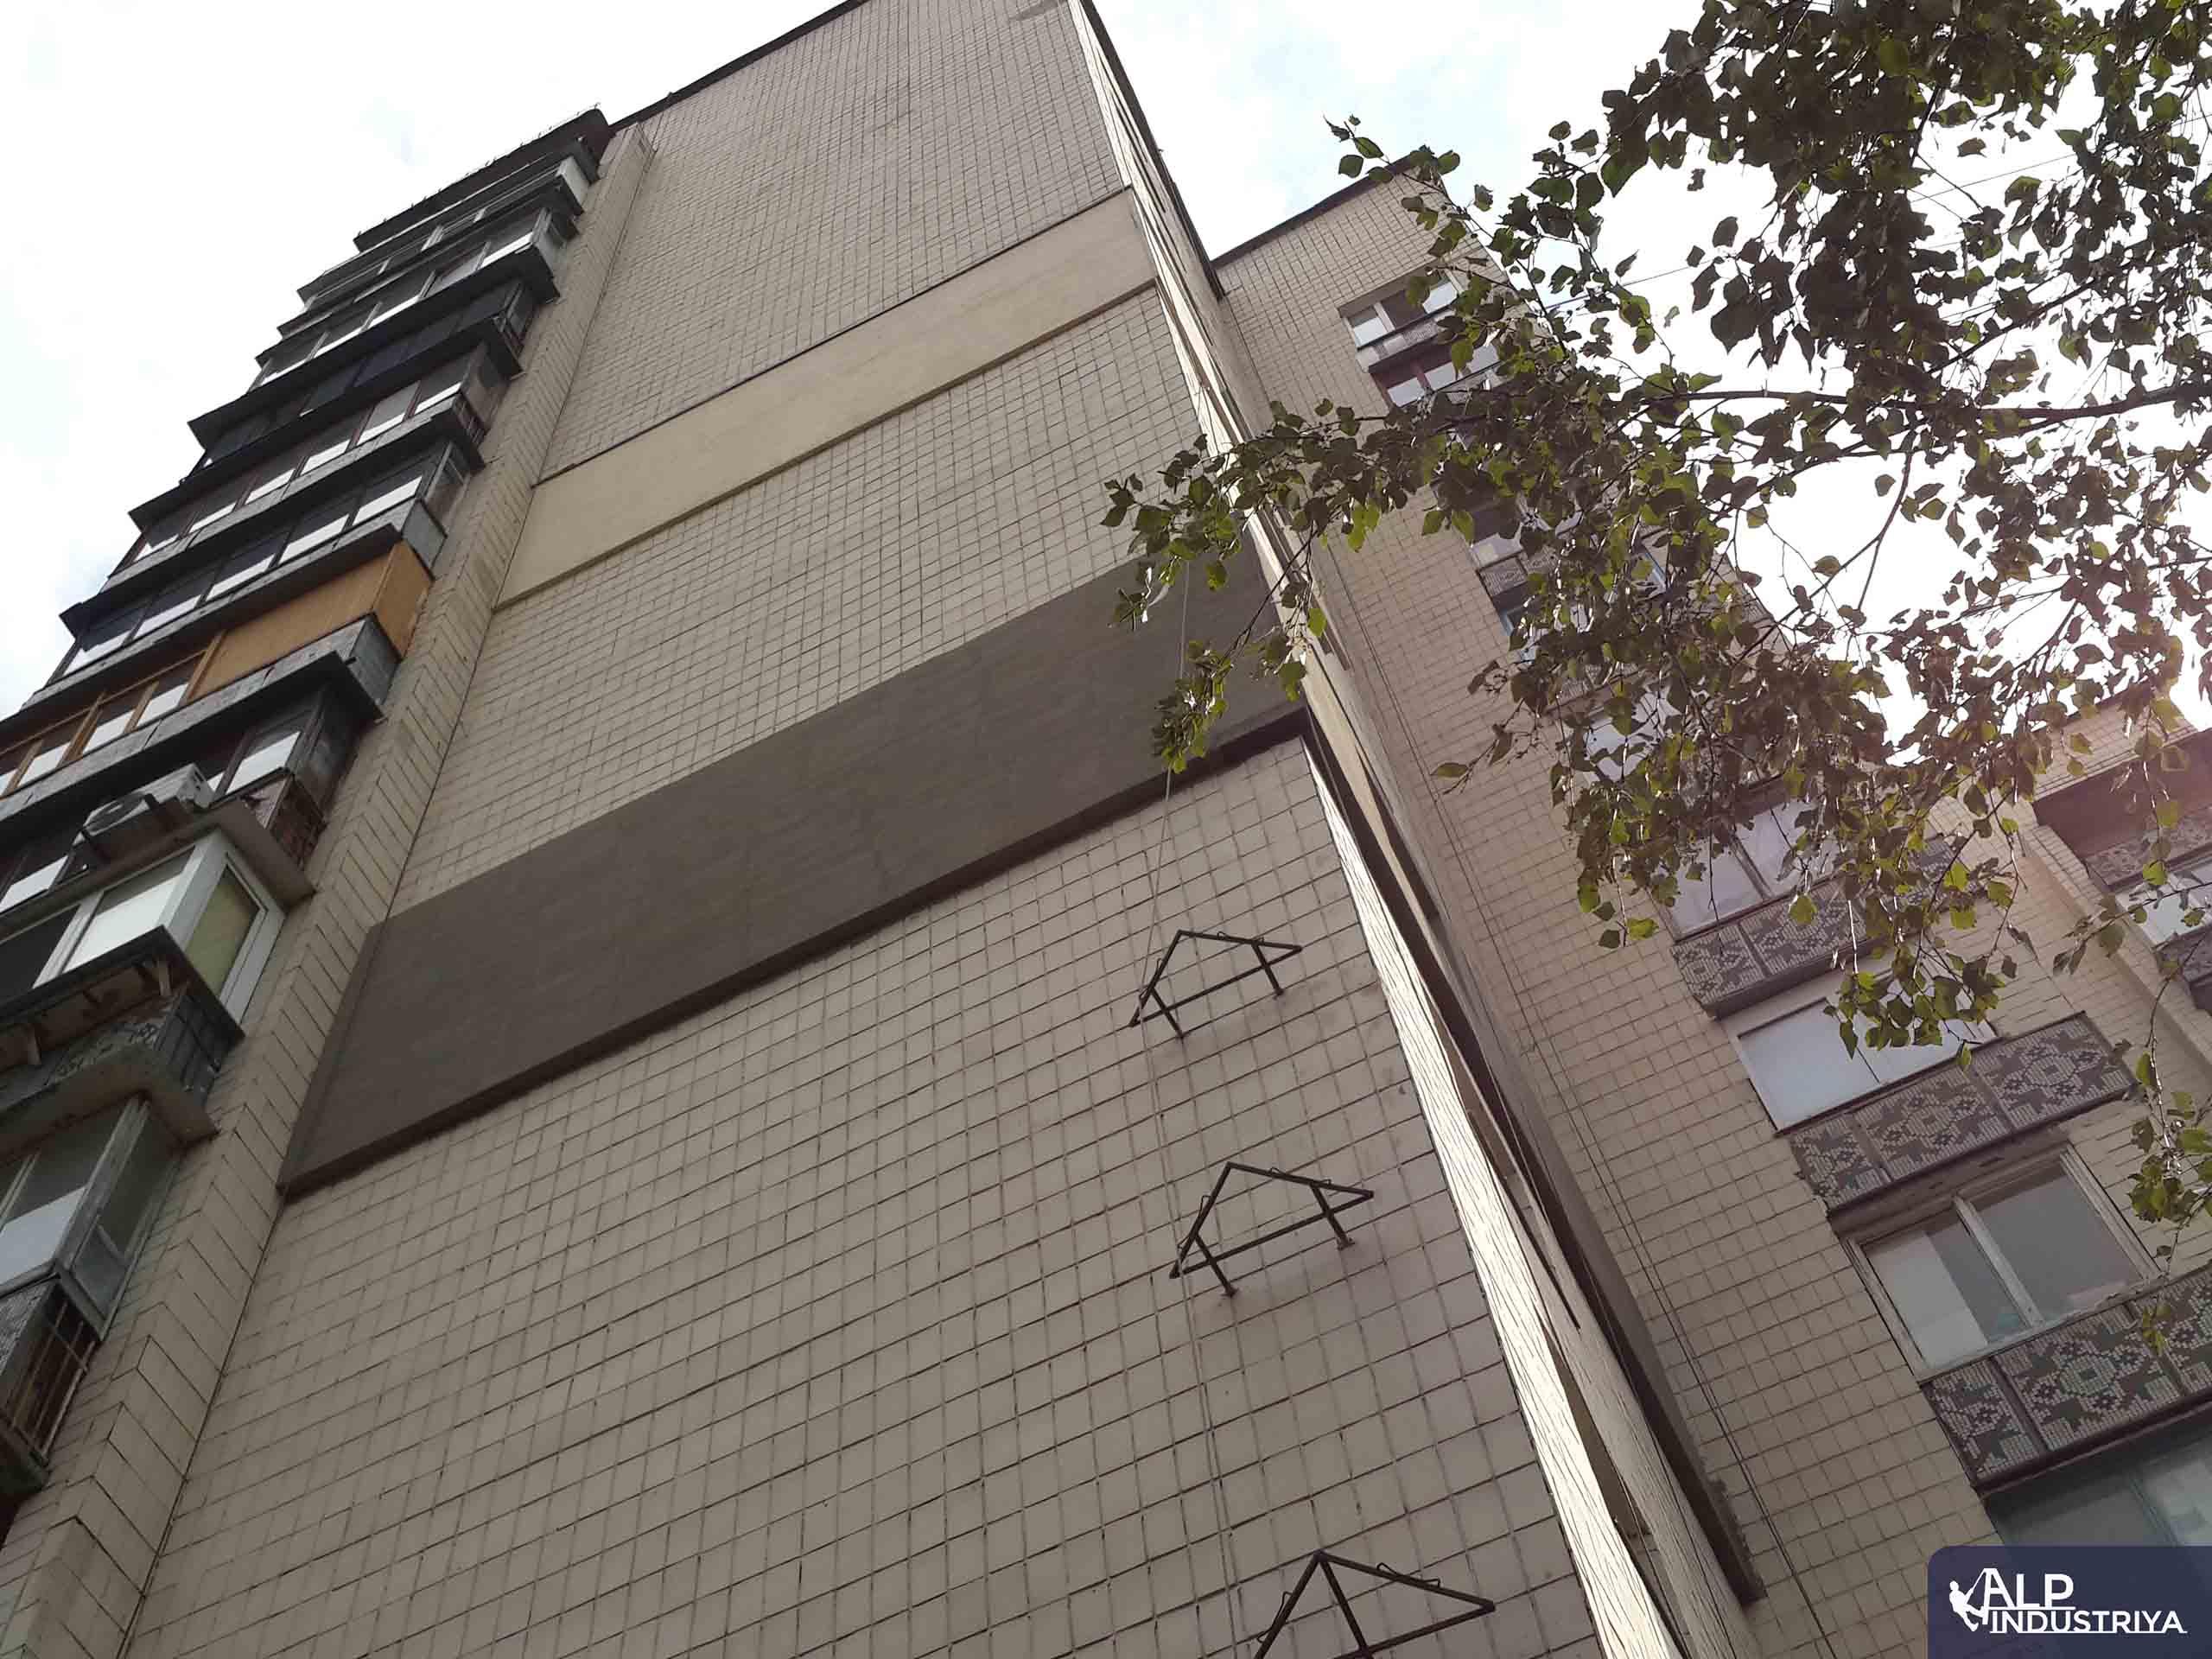 Фасад дома, утепленный альпинистами нашей компании-5